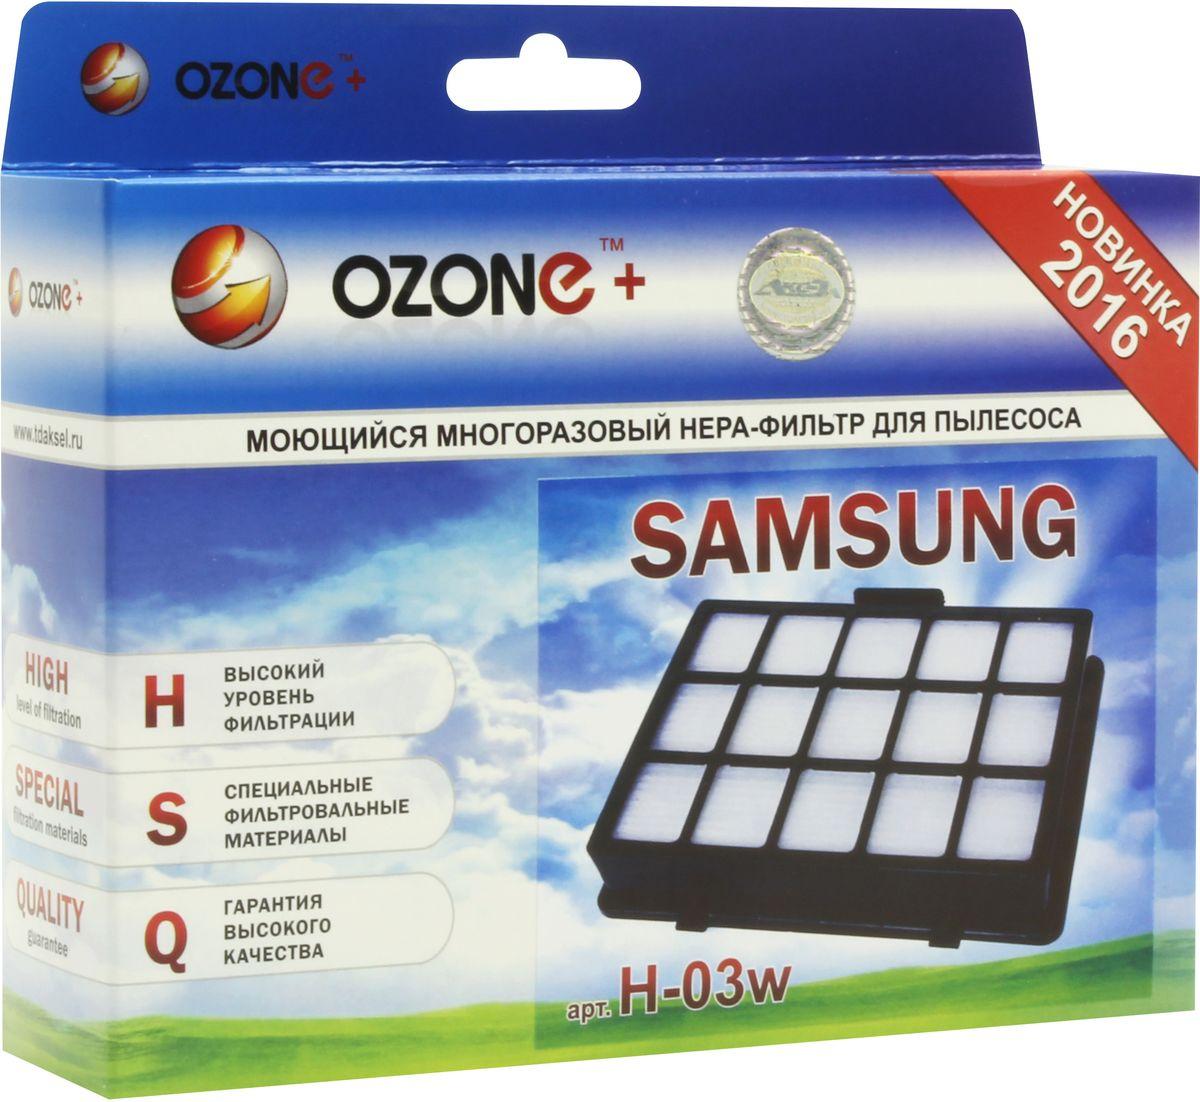 Ozone H-03W HEPA фильтр для пылесоса Samsung ozone microne h 19